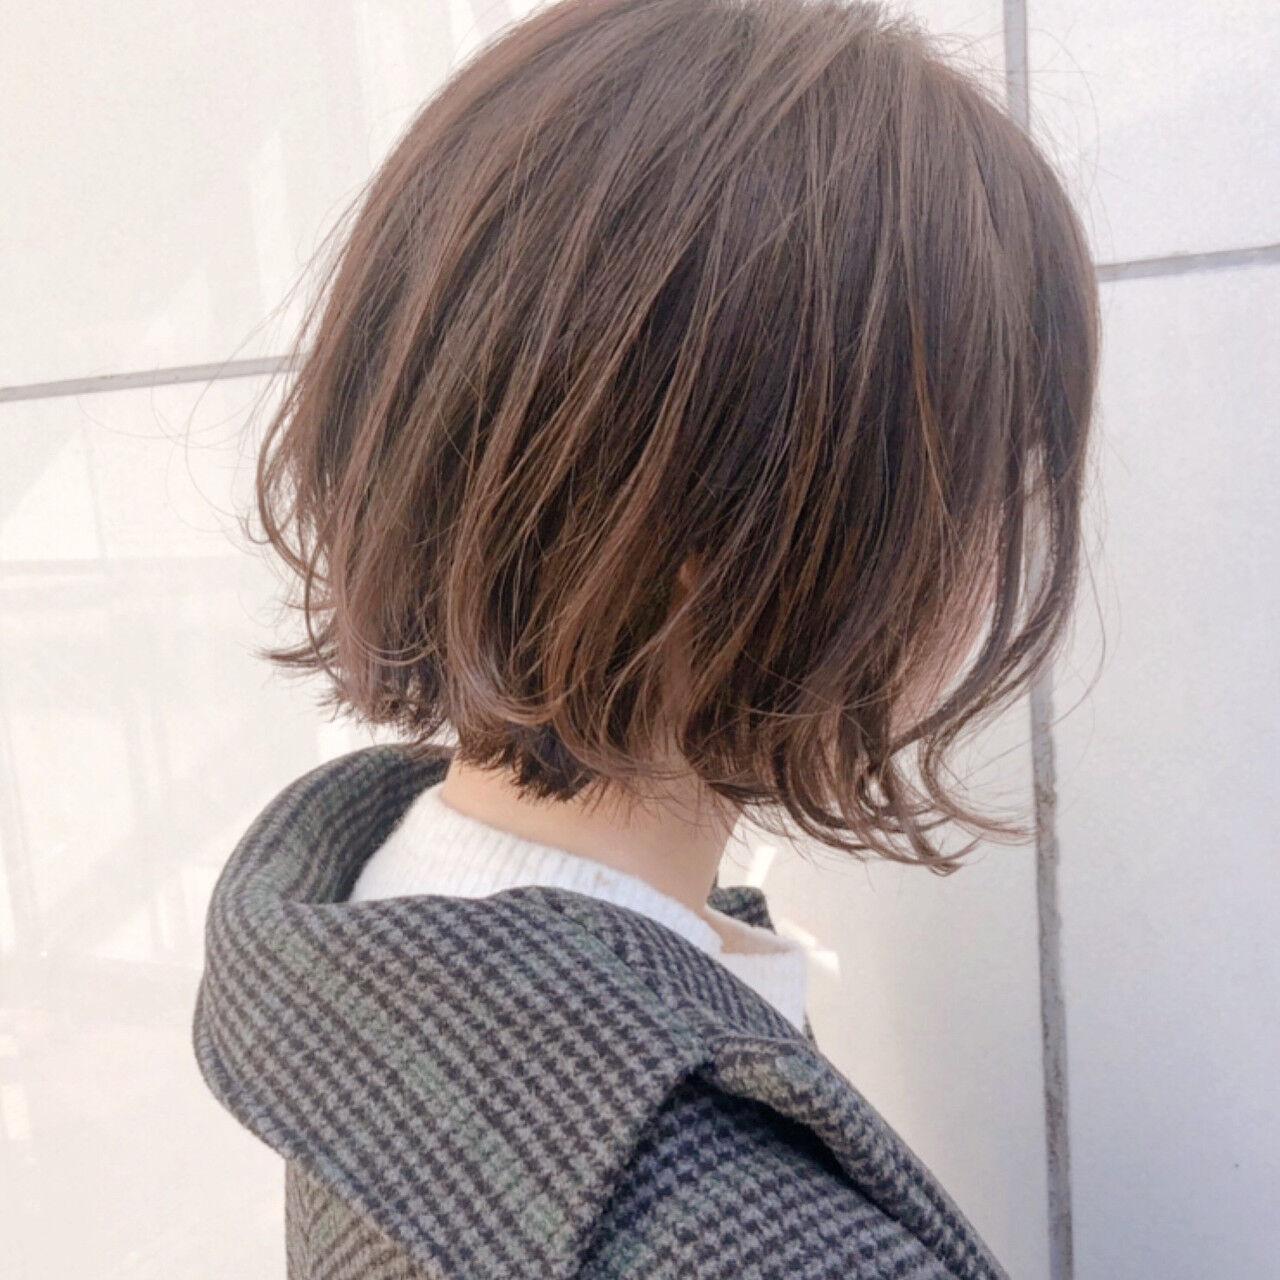 パーマ ナチュラル 簡単ヘアアレンジ オフィスヘアスタイルや髪型の写真・画像